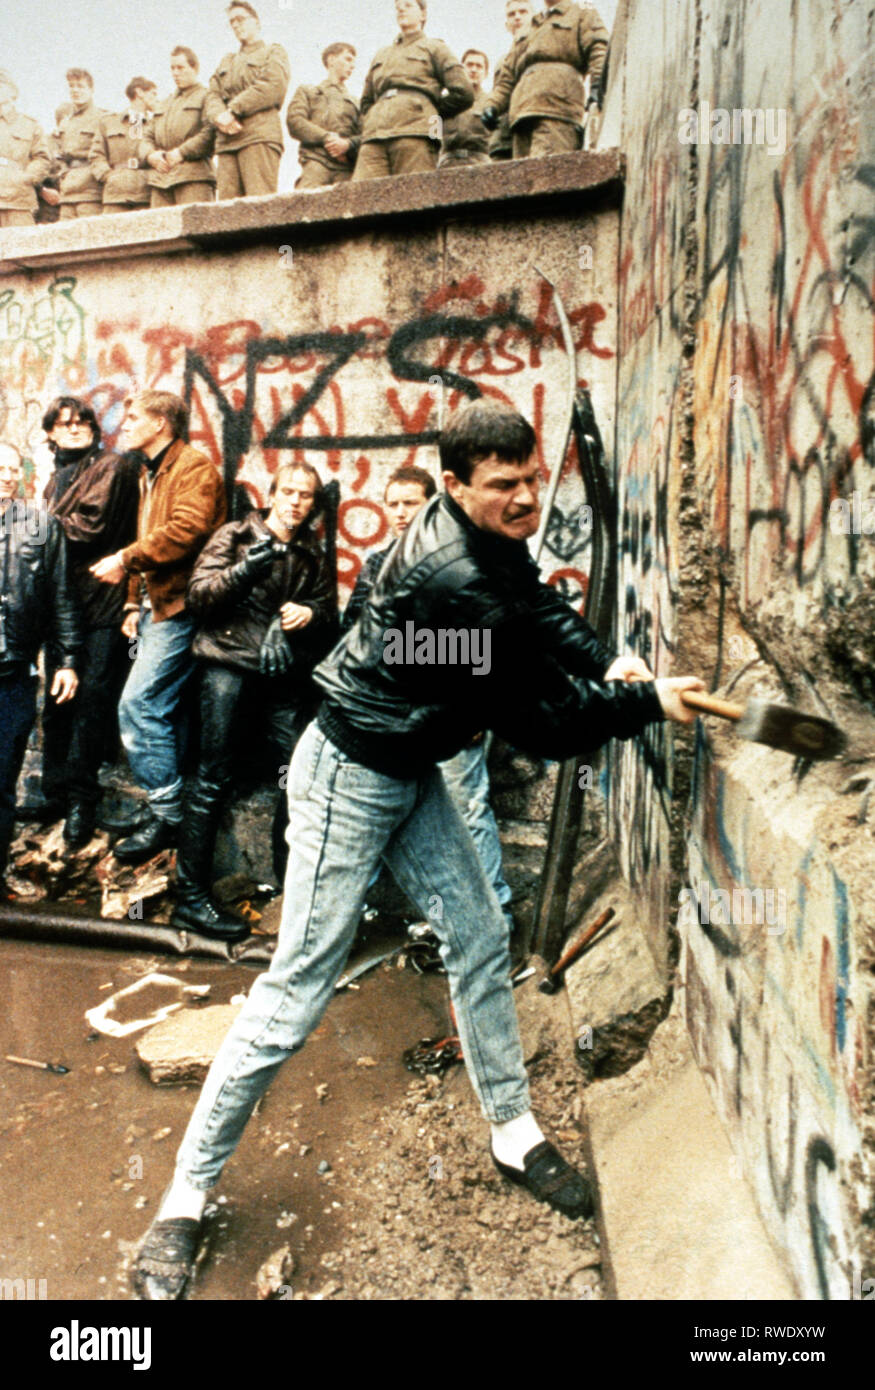 Viniendo Abajo el muro de Berlín, la guerra fría, 1998 Imagen De Stock